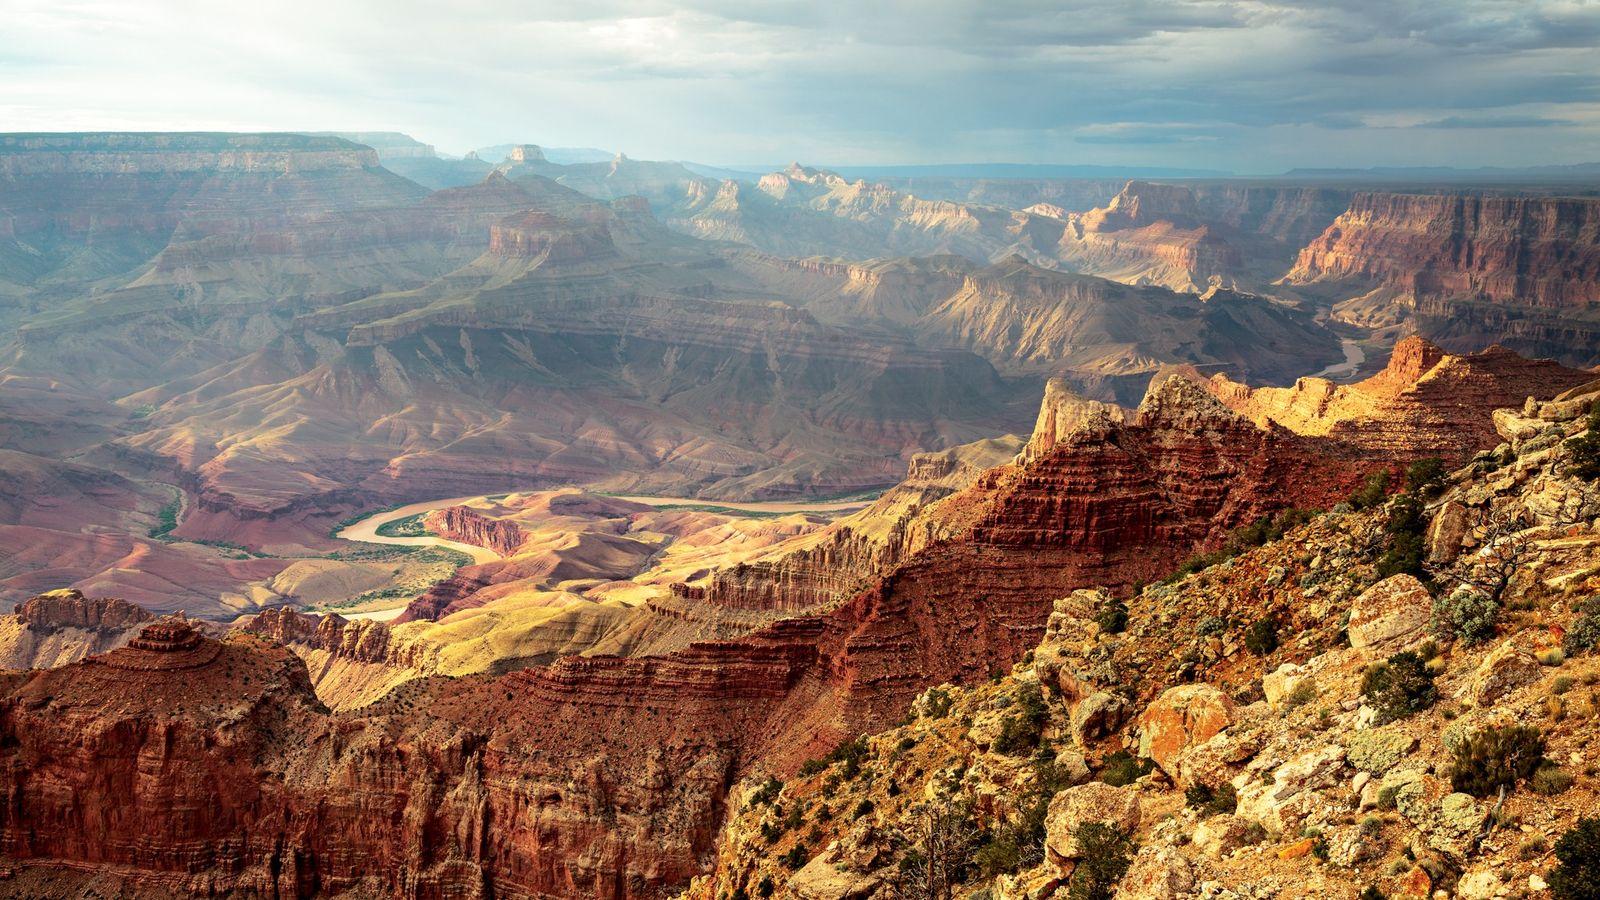 O rio Colorado serpenteia pelo Parque Nacional do Grand Canyon, no Arizona.